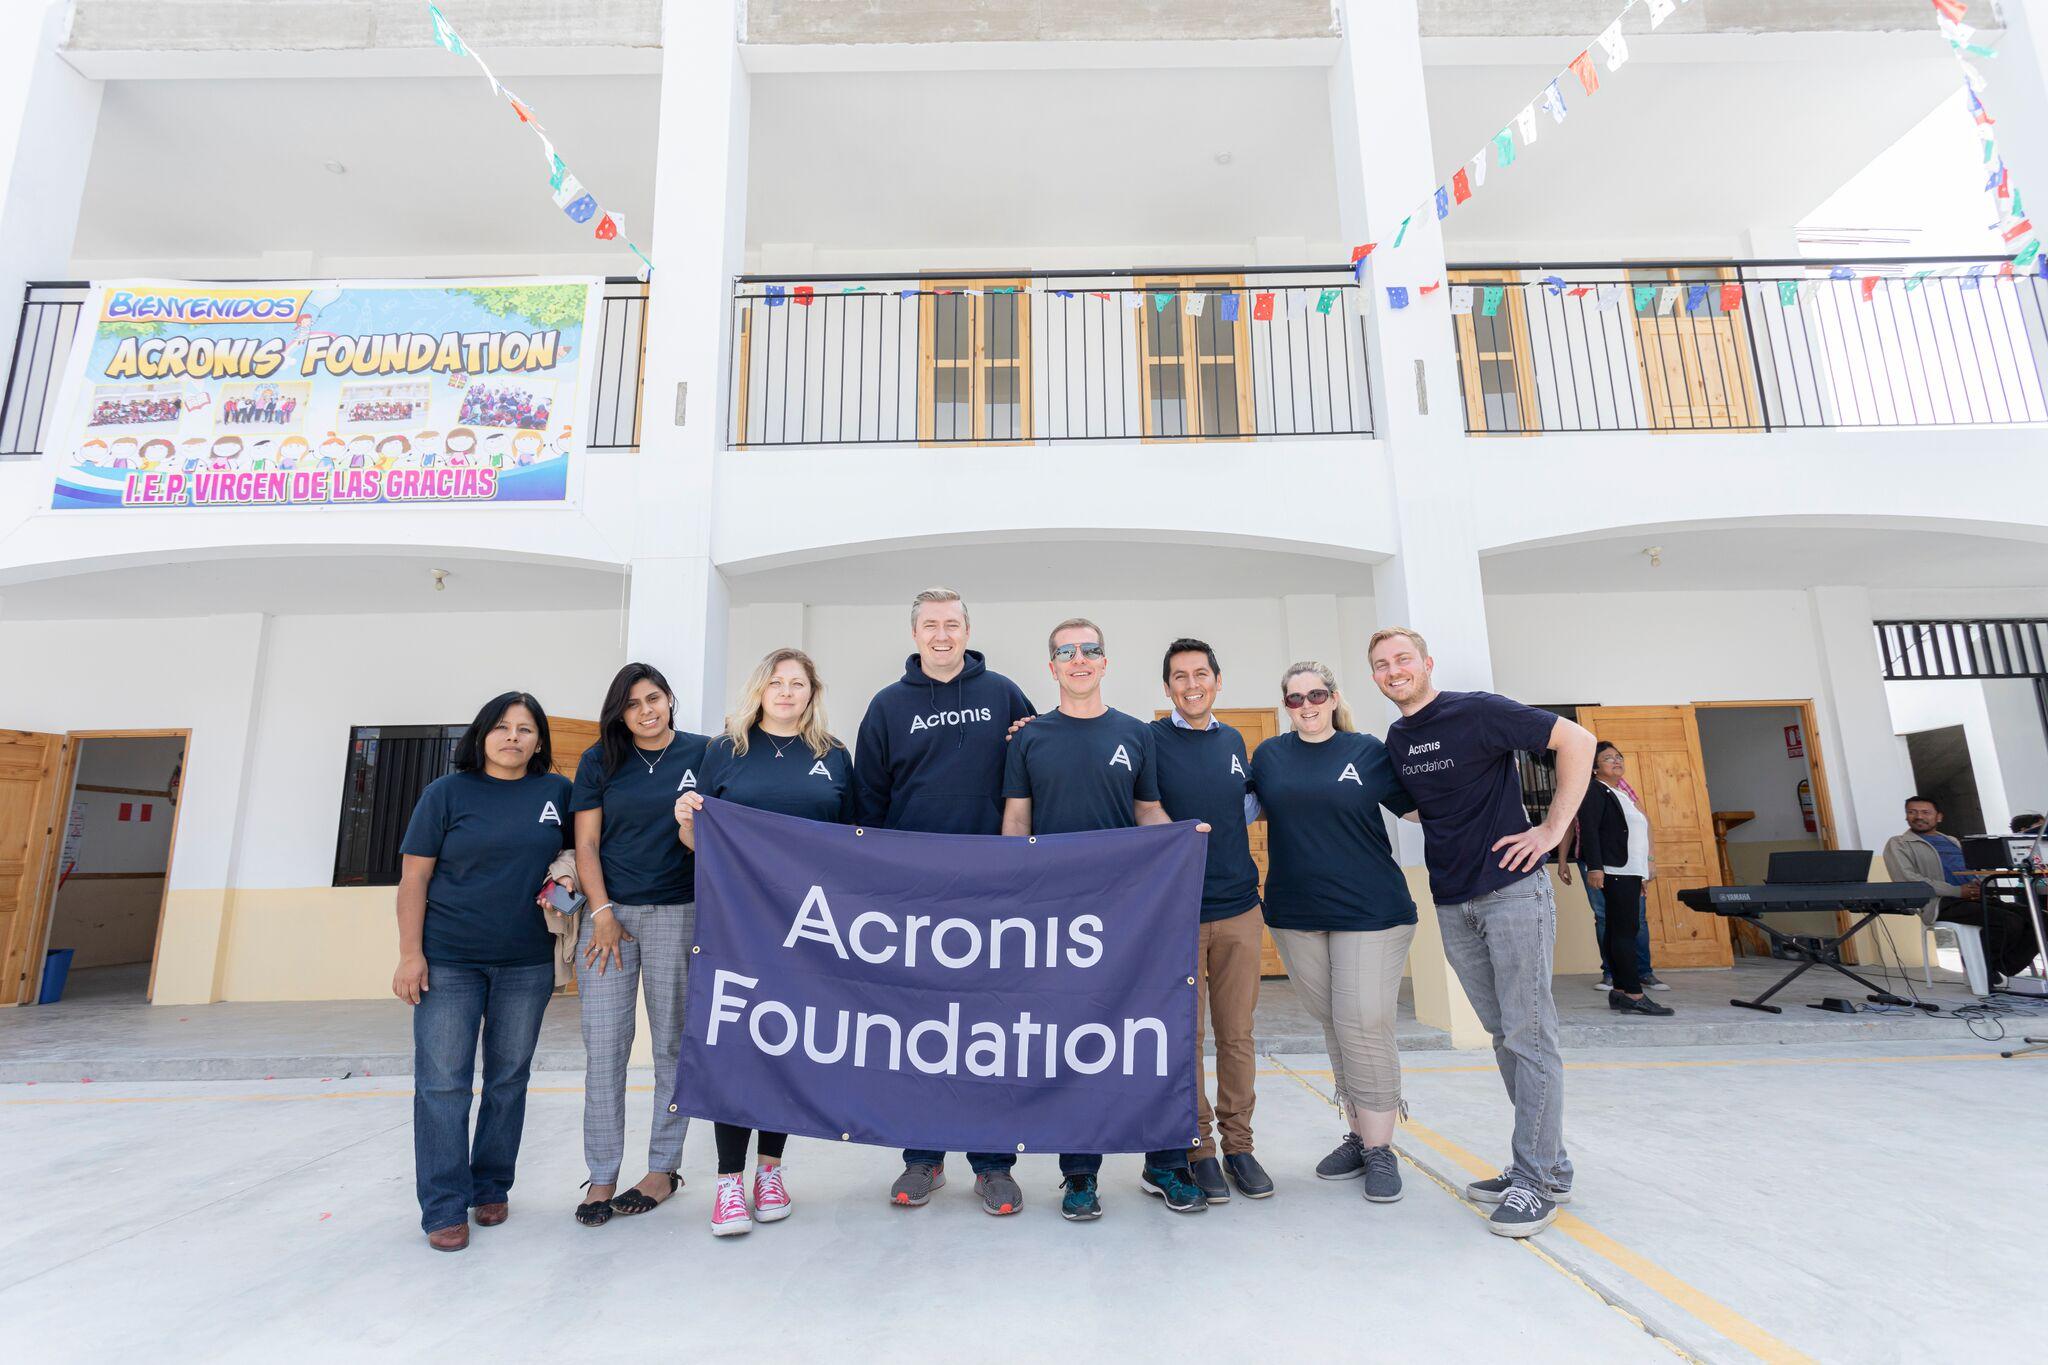 Acronis Foundation: школы построены уже в 8 странах мира. Вы с нами? - 2